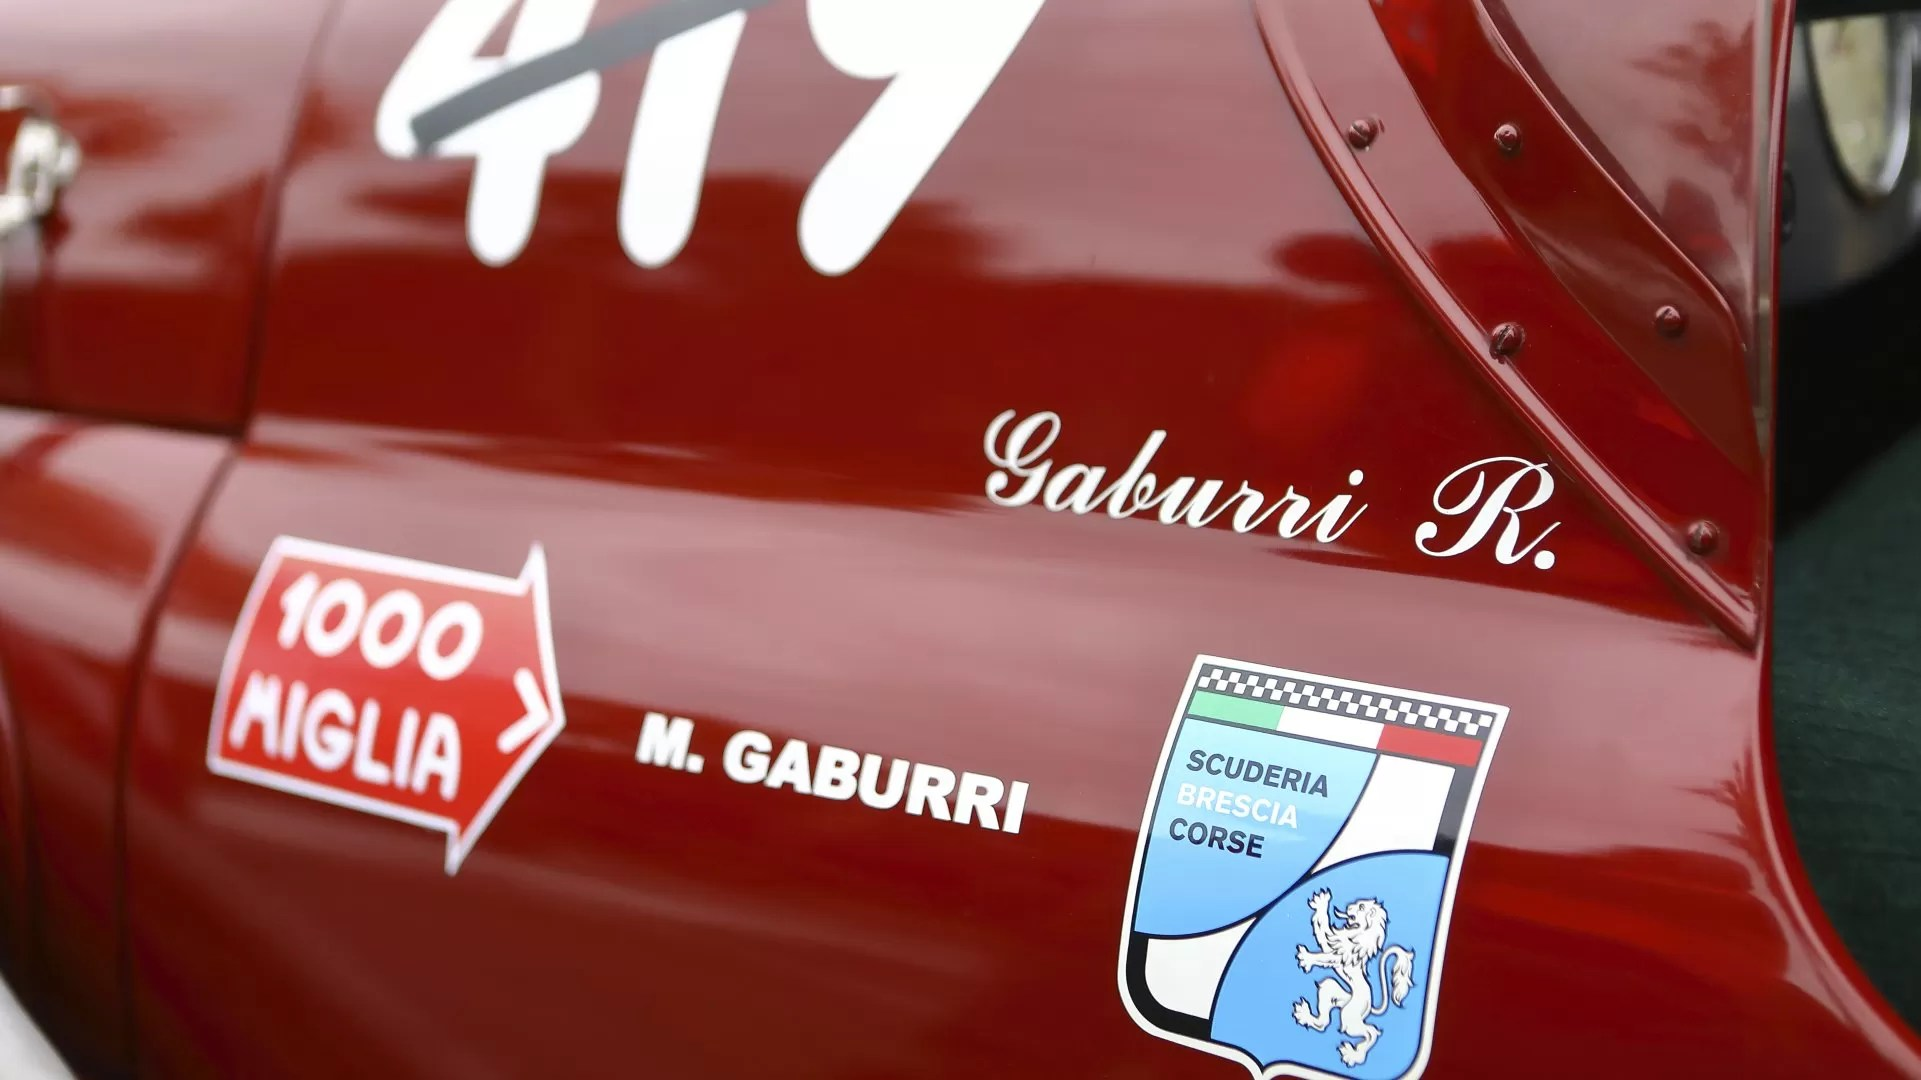 Trofeo-roberto-gaburri-brescia-auto-epoca-competitions-italia-marco-federici-fotografo